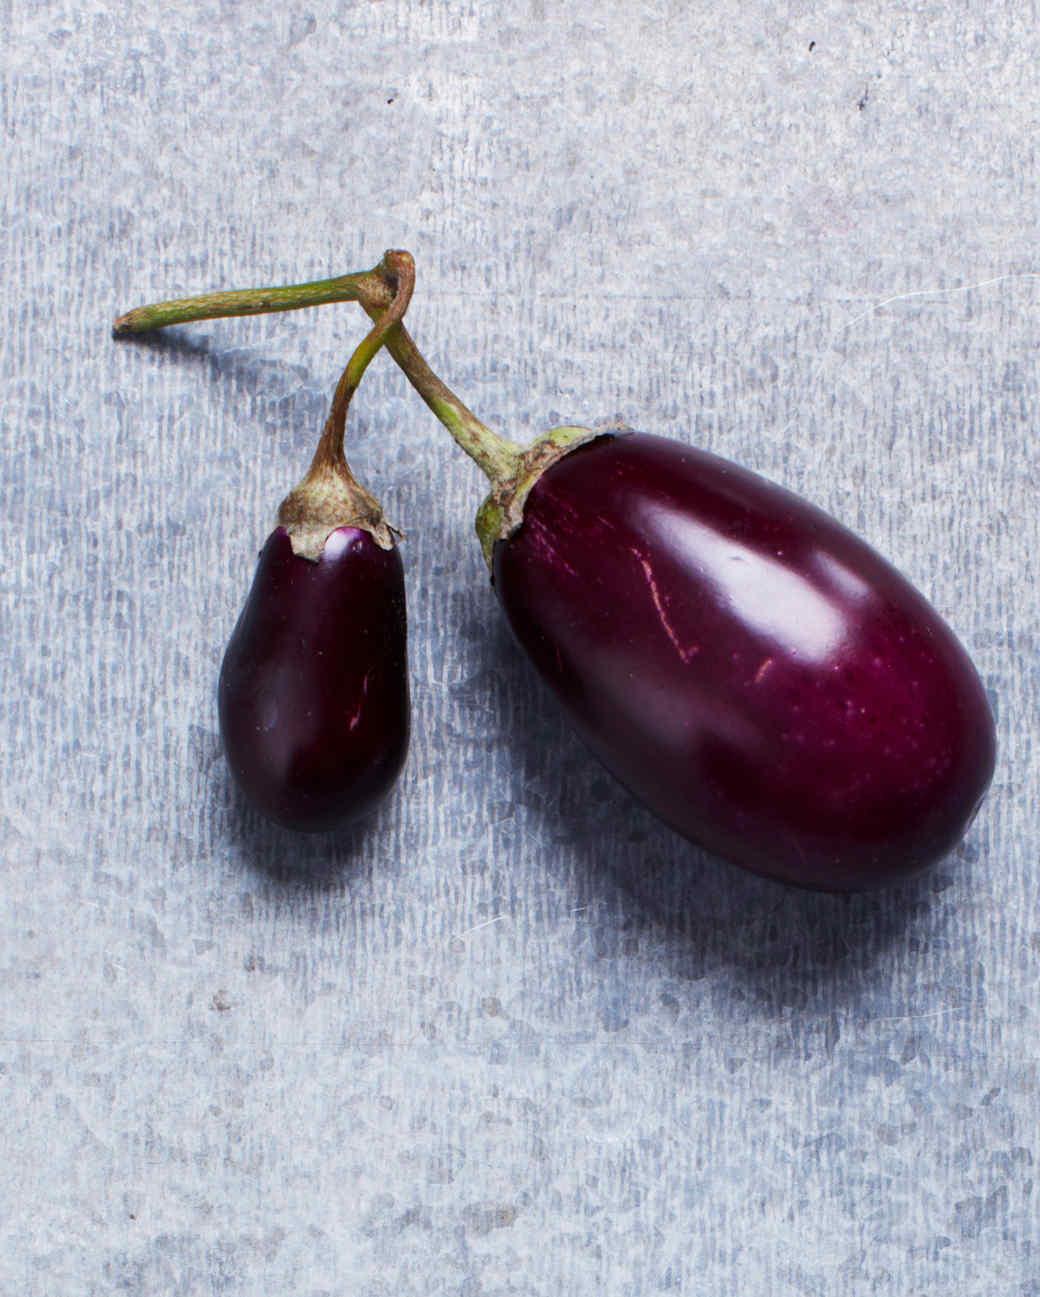 eggplant-glossary-118-d110486-0515.jpg